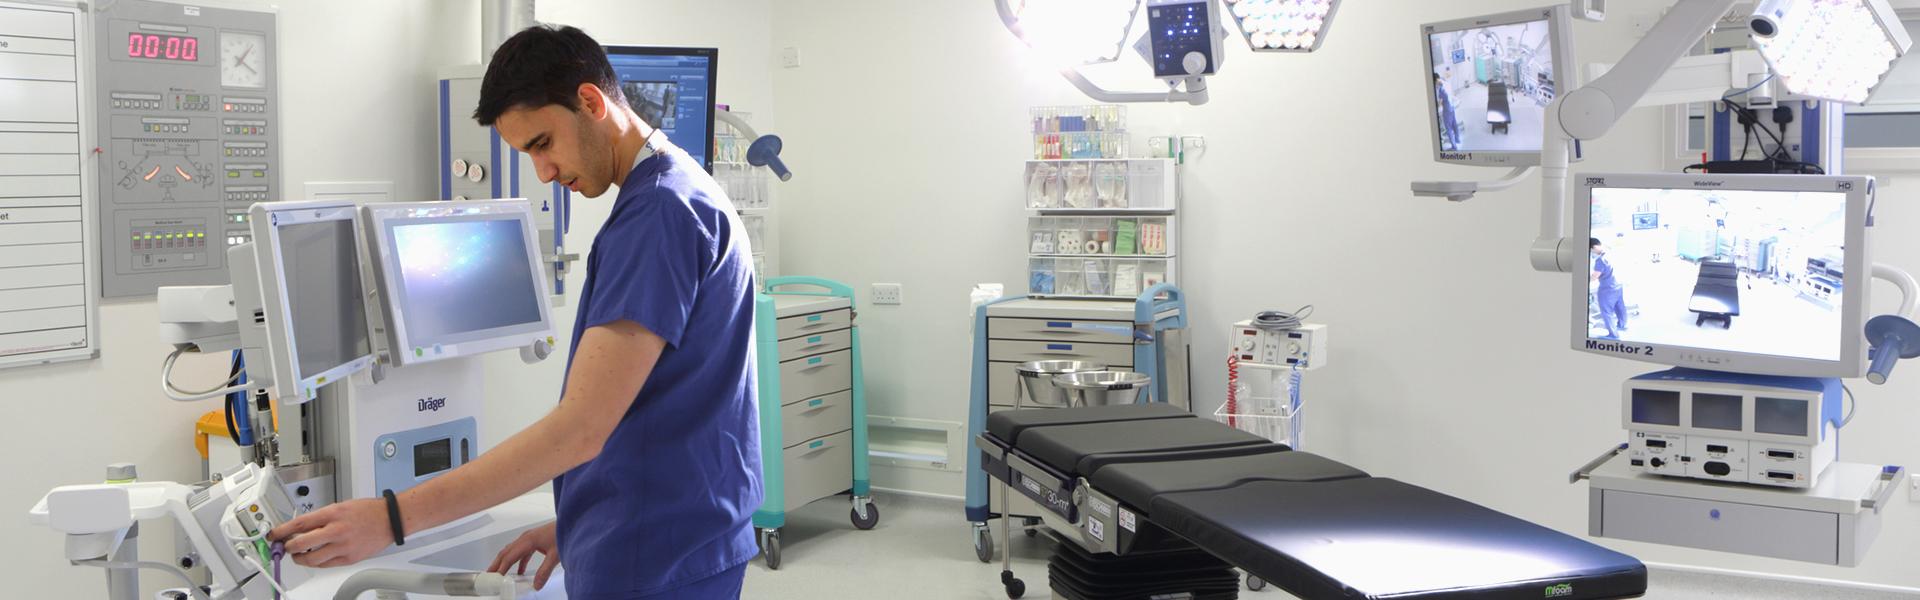 Foto: EZ LOCATE - Solution de localisation du personnel et des équipements en temps réel pour les hôpitaux. Optimisez vos opérations, optimisez votre efficacité et réalisez des économies.